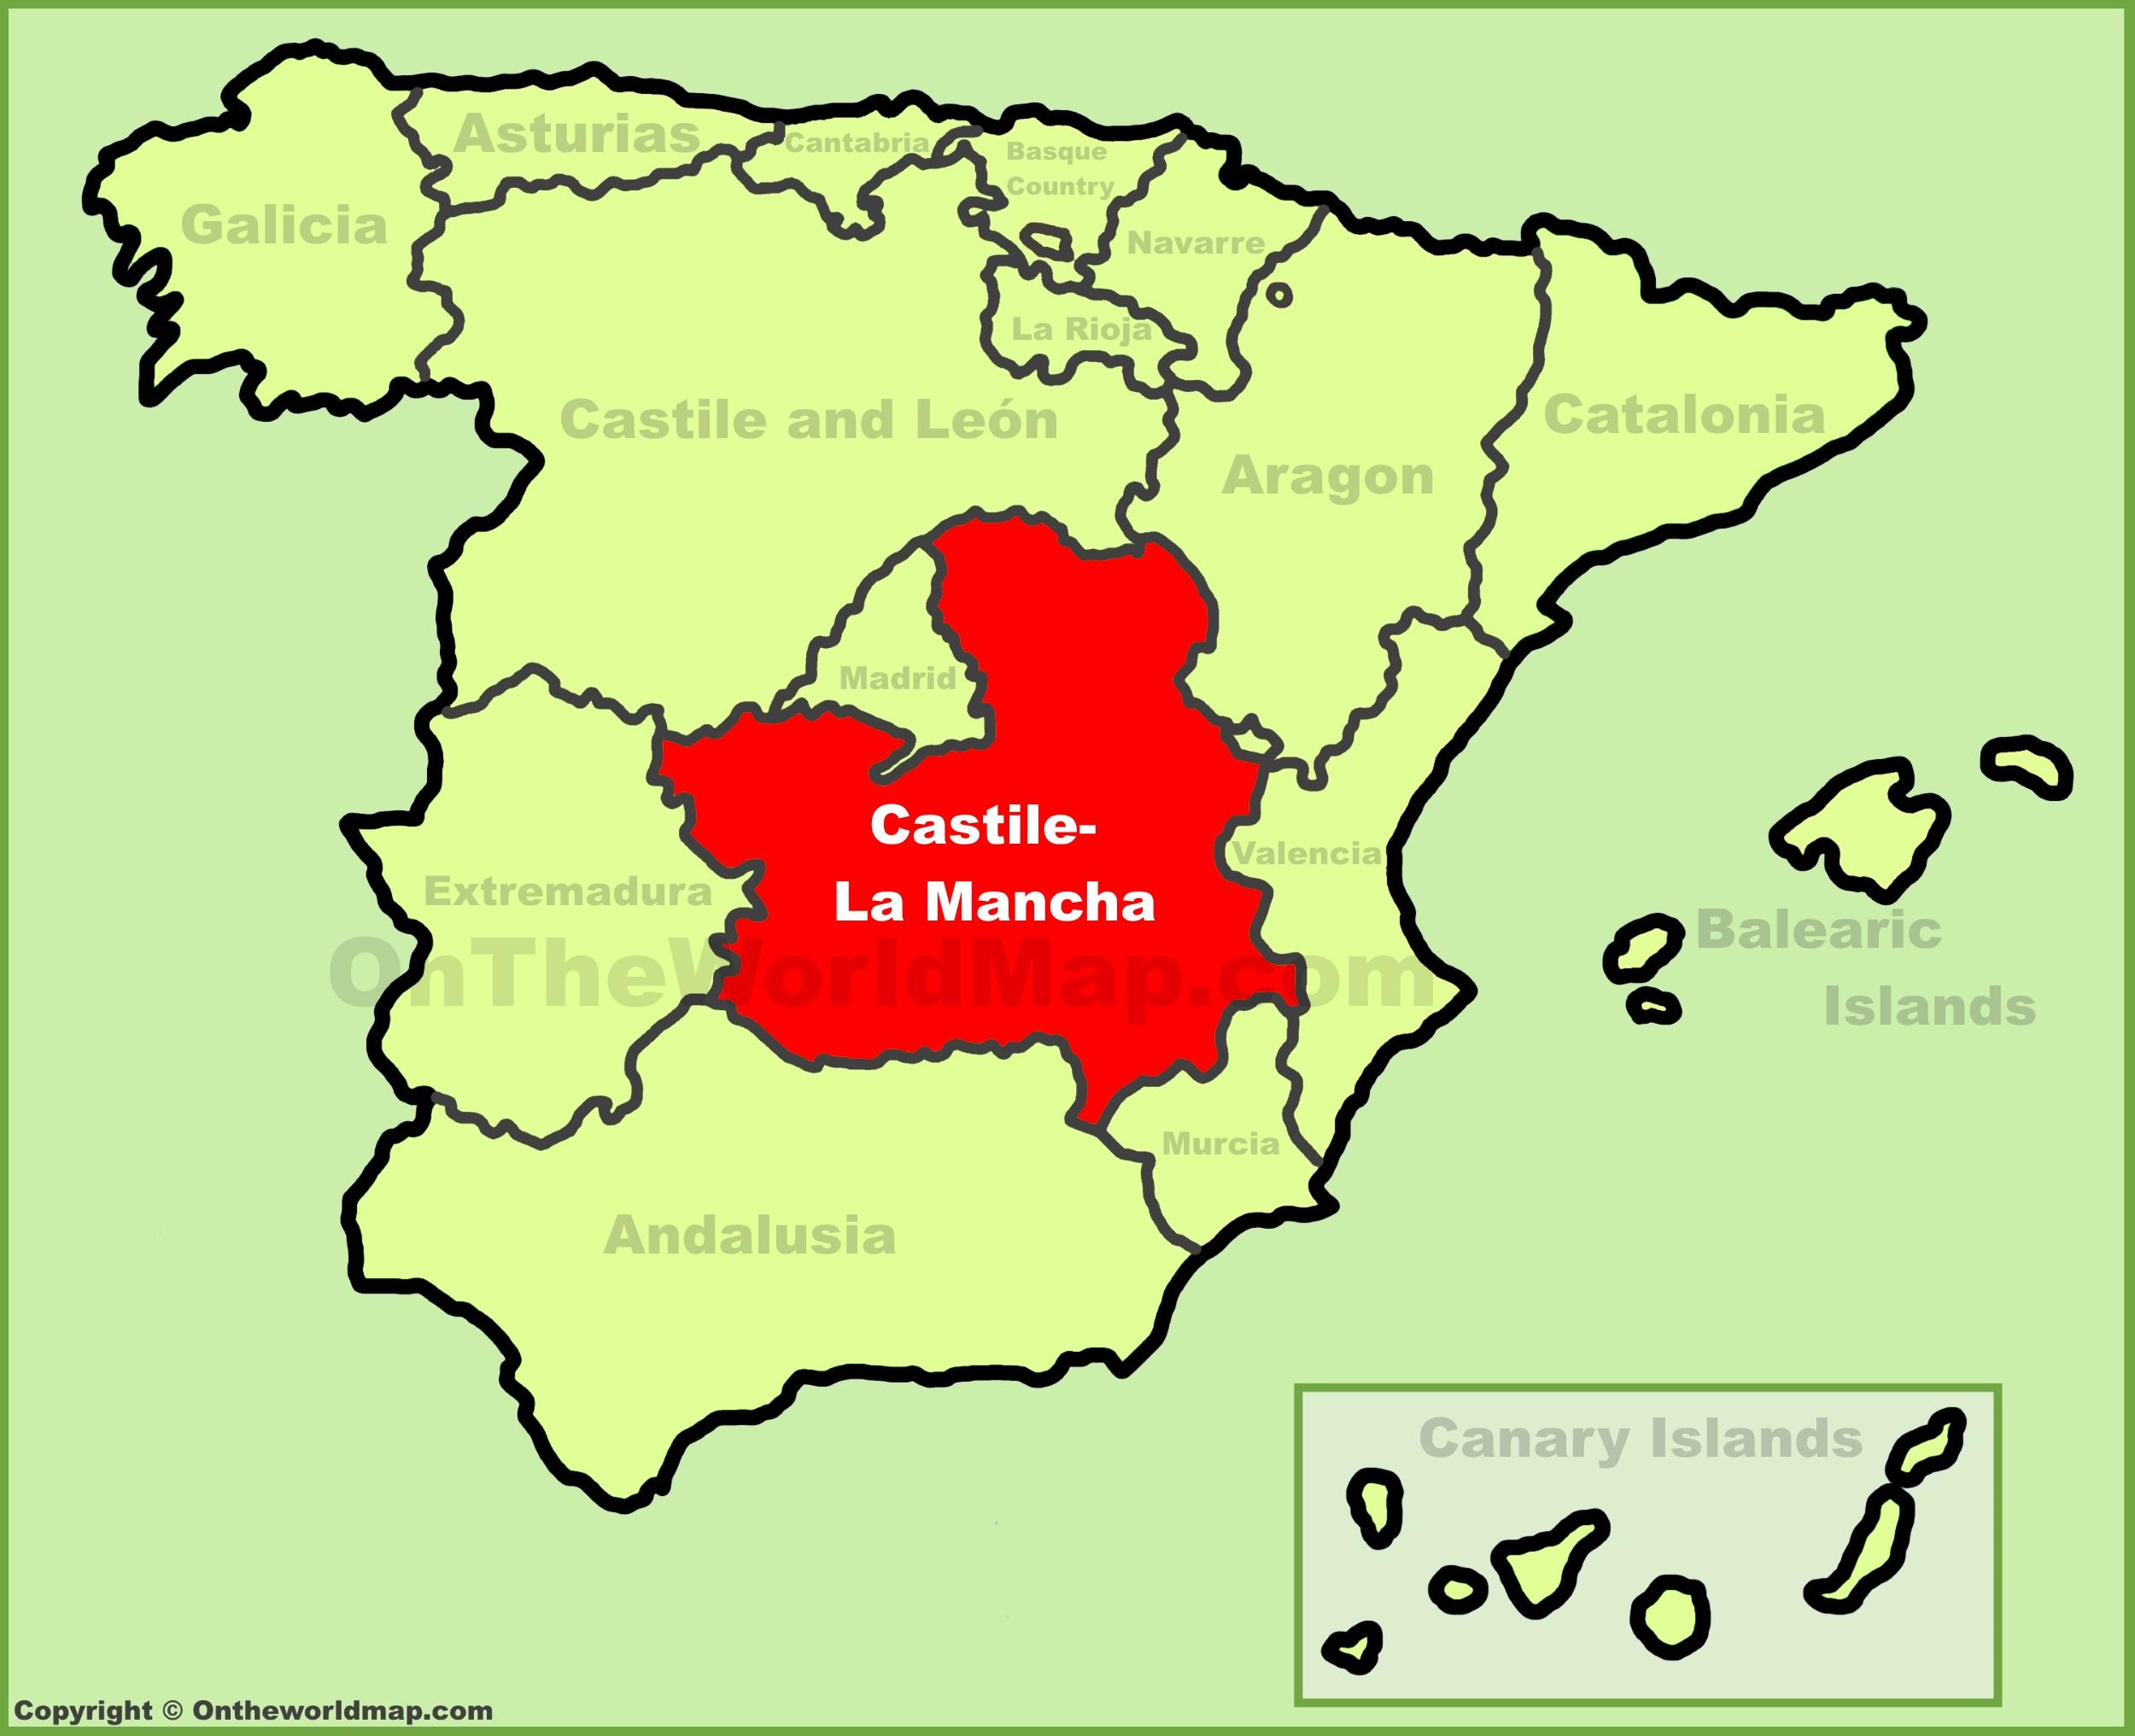 castile la mancha location on the spain map | Marcella The